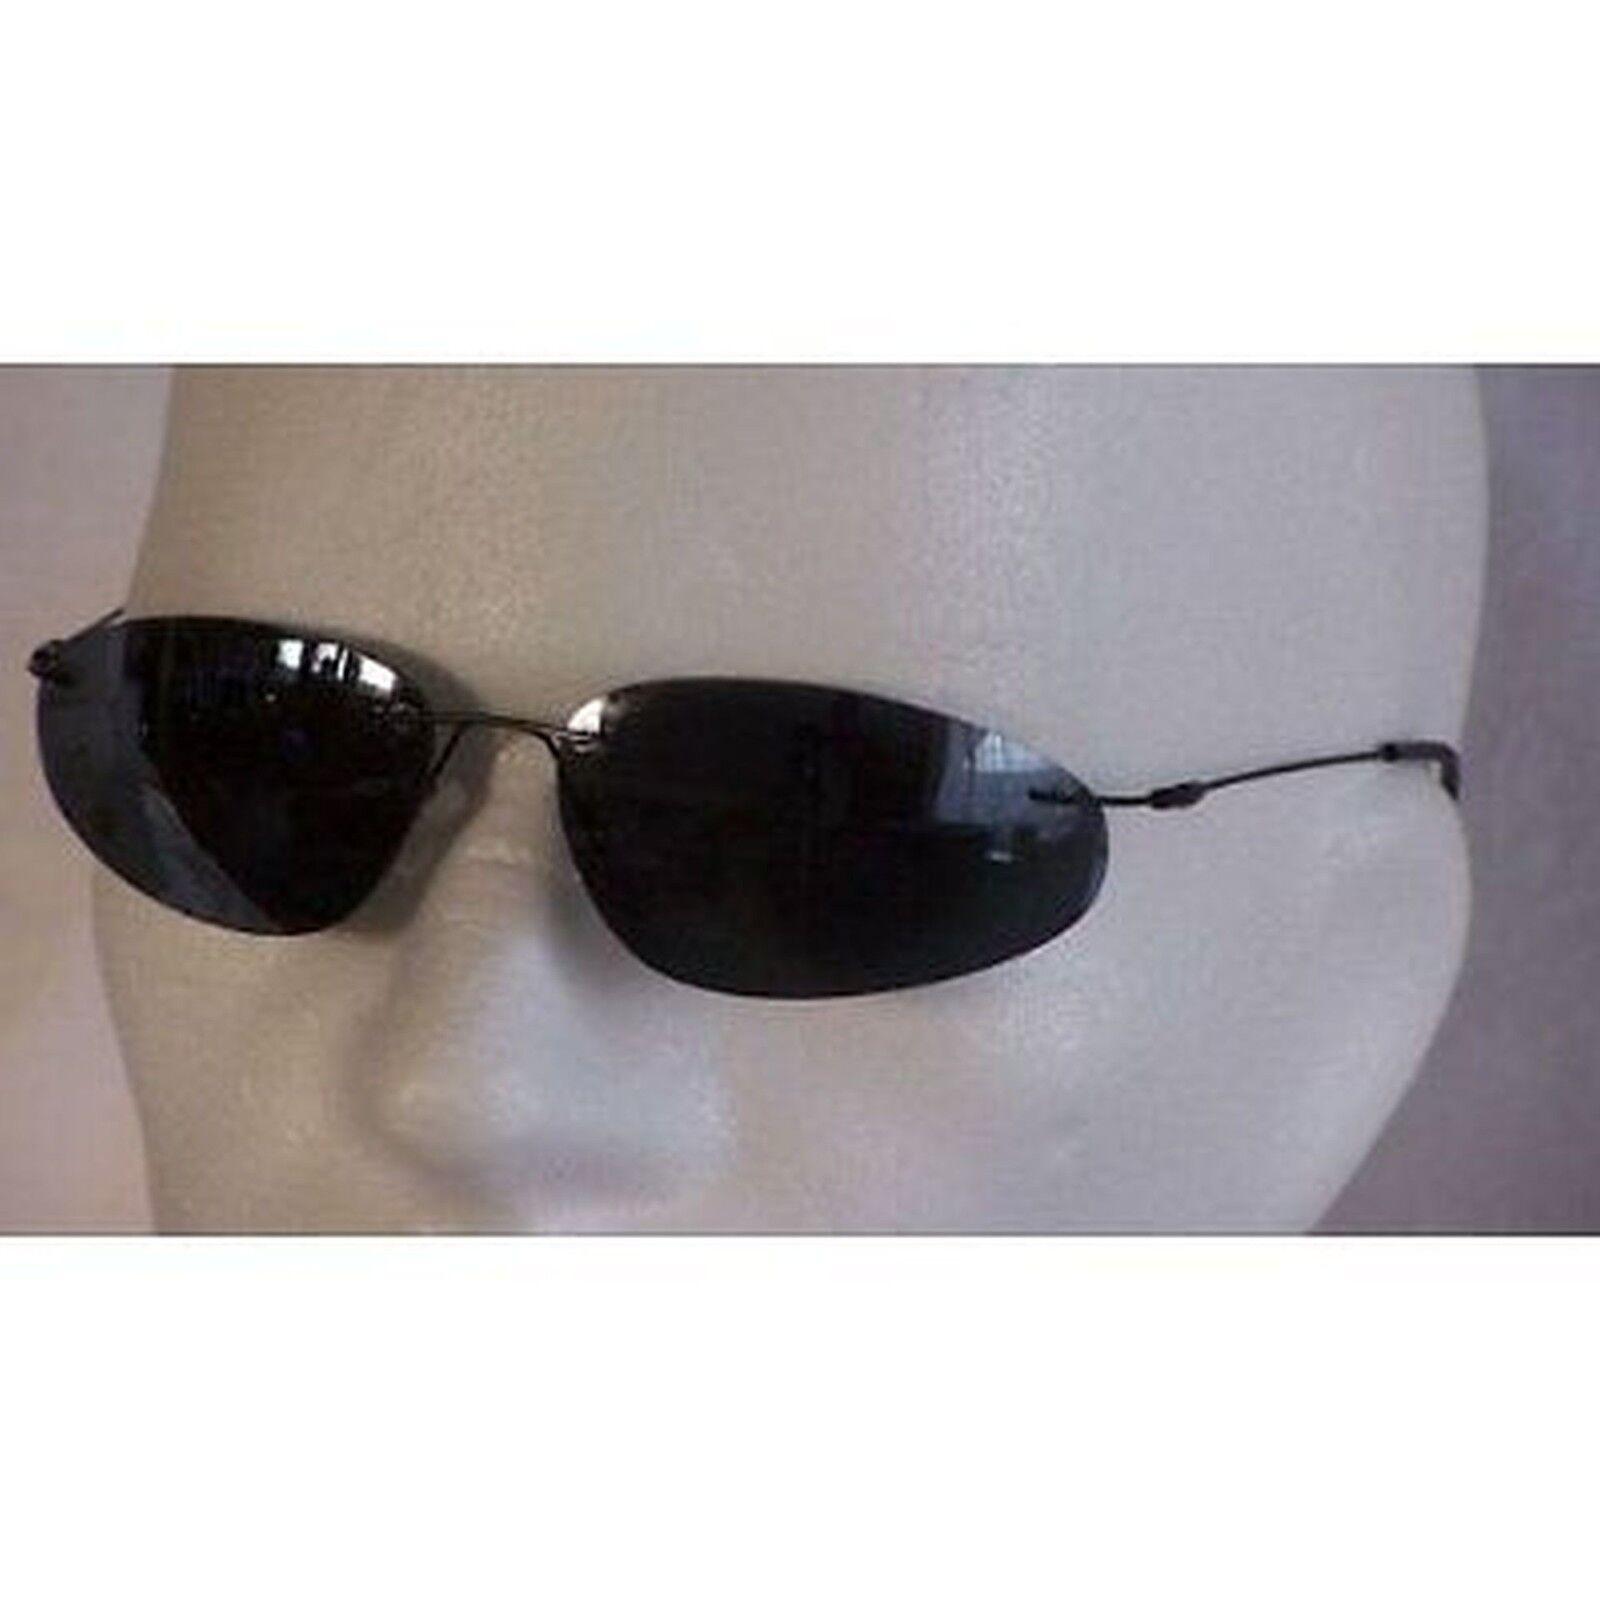 Мужские солнцезащитные очки Neo Matrix Style Sunglasses Mirror Lens Vision  9001MIX - 270567404344 - купить на eBay.com (США) с доставкой в Украину ... 9da08ce95e9b1